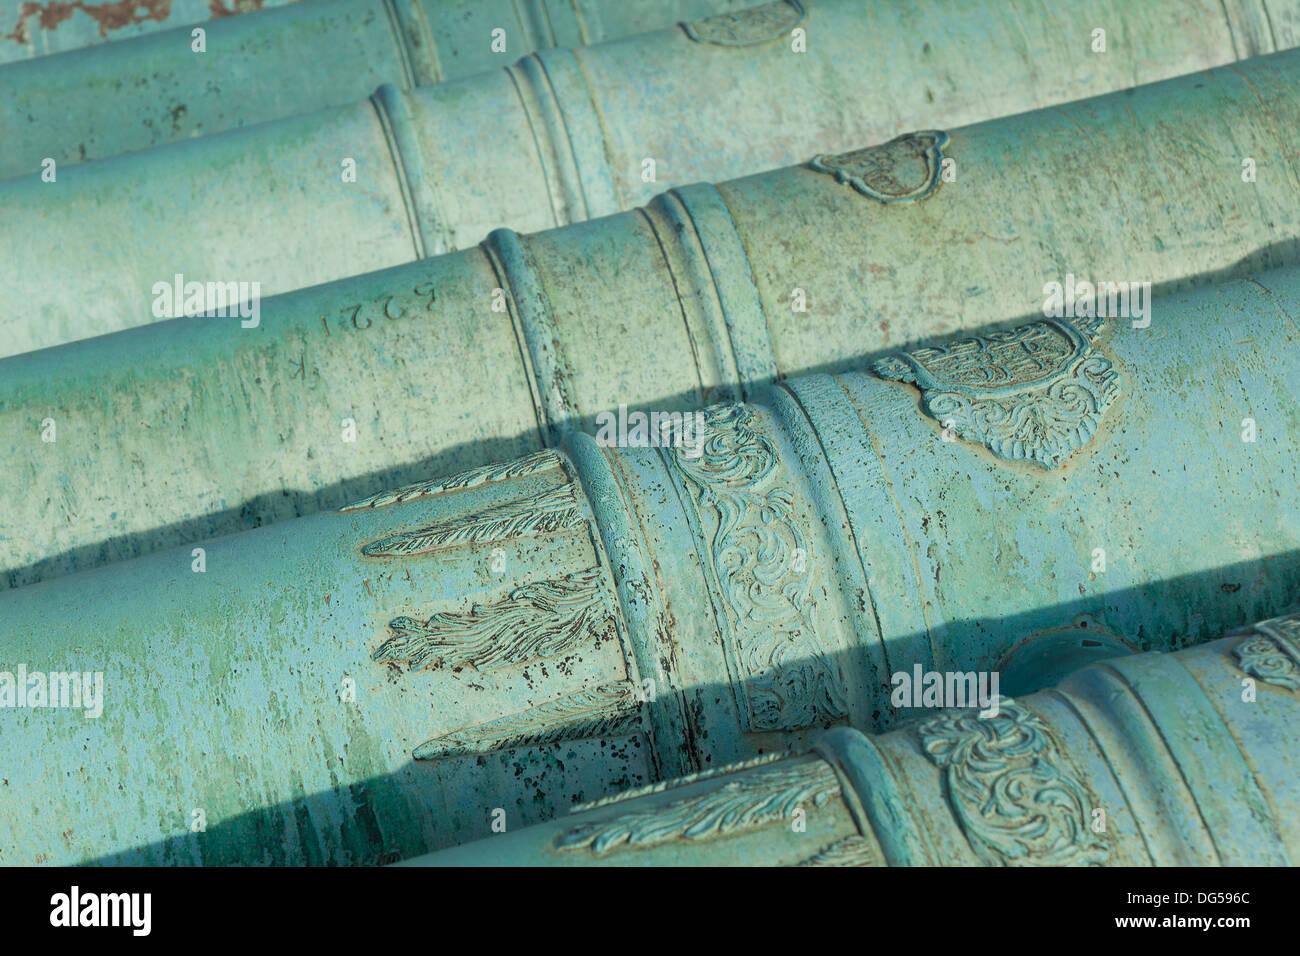 Cannons in Les Invalides, Paris, Ile de France, France - Stock Image